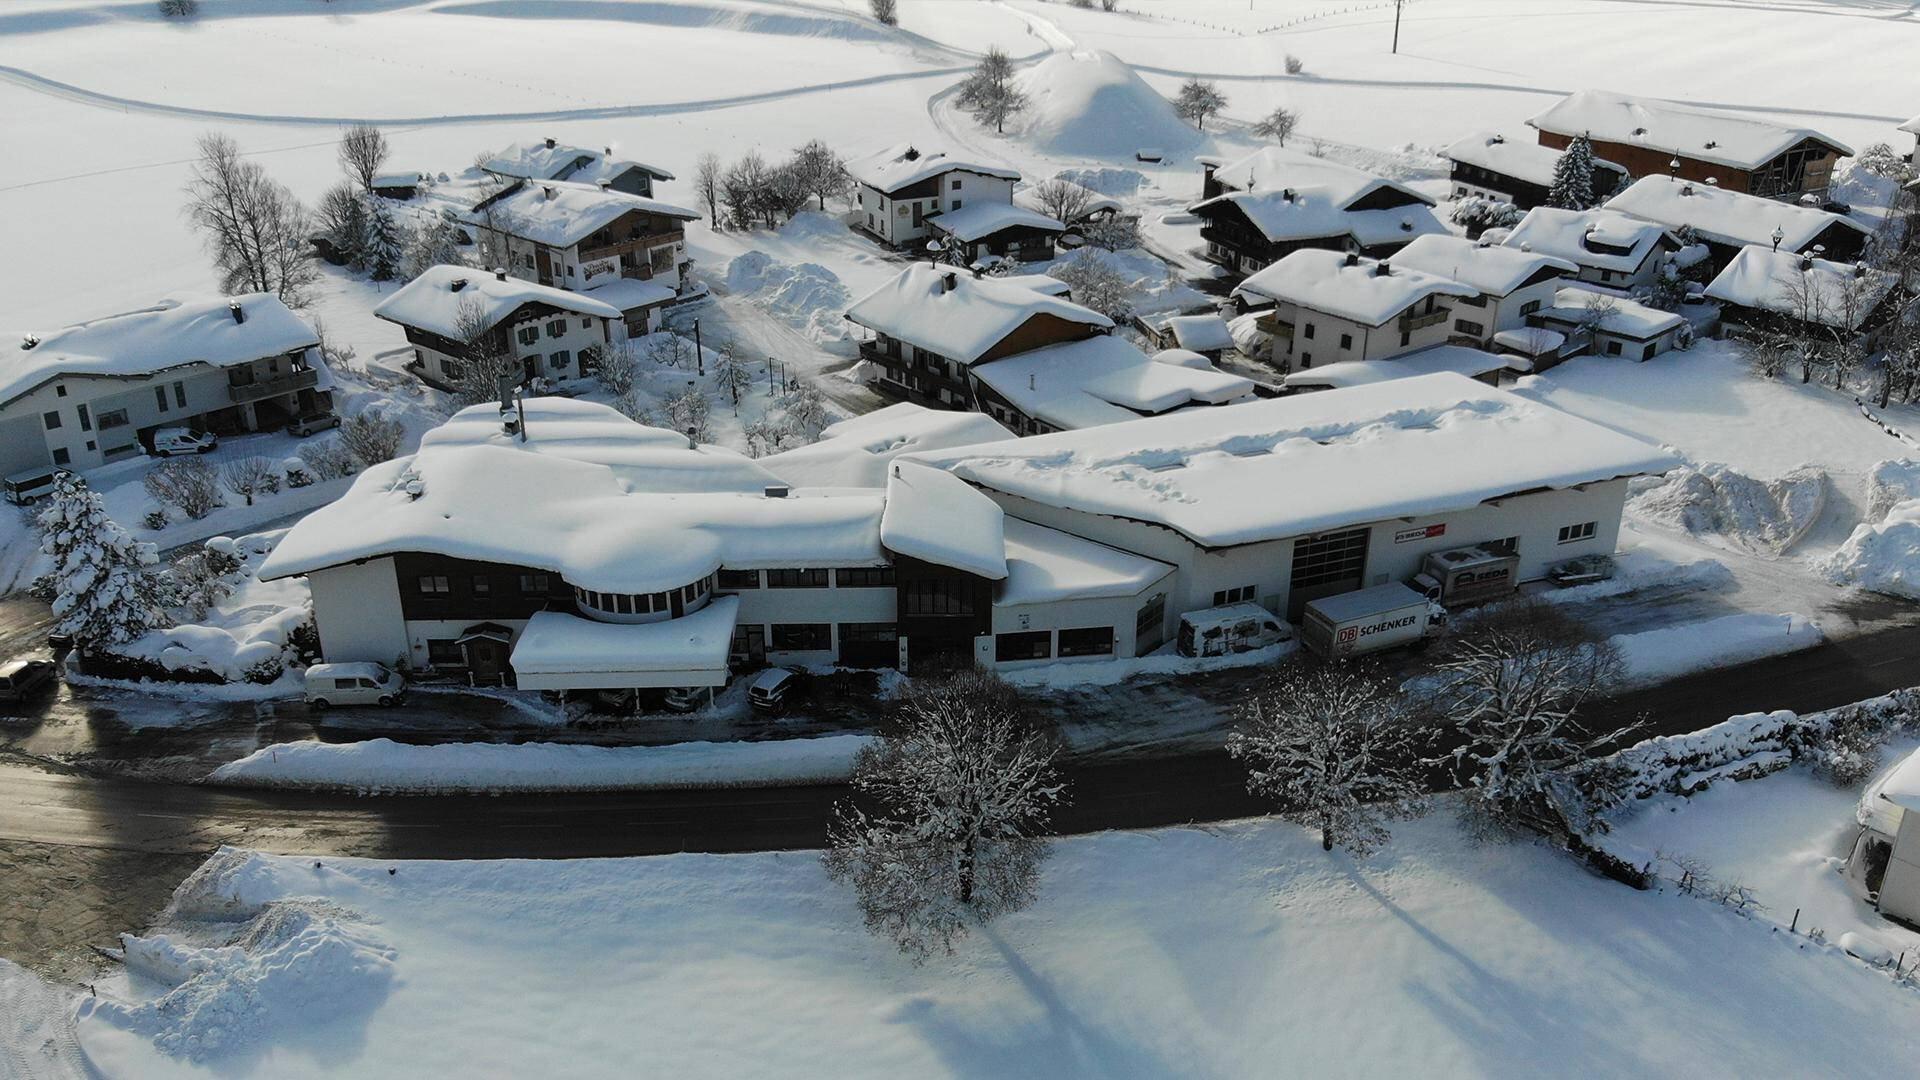 Gallery image 2 - SEDA Headquarter in Austria (Tirol)